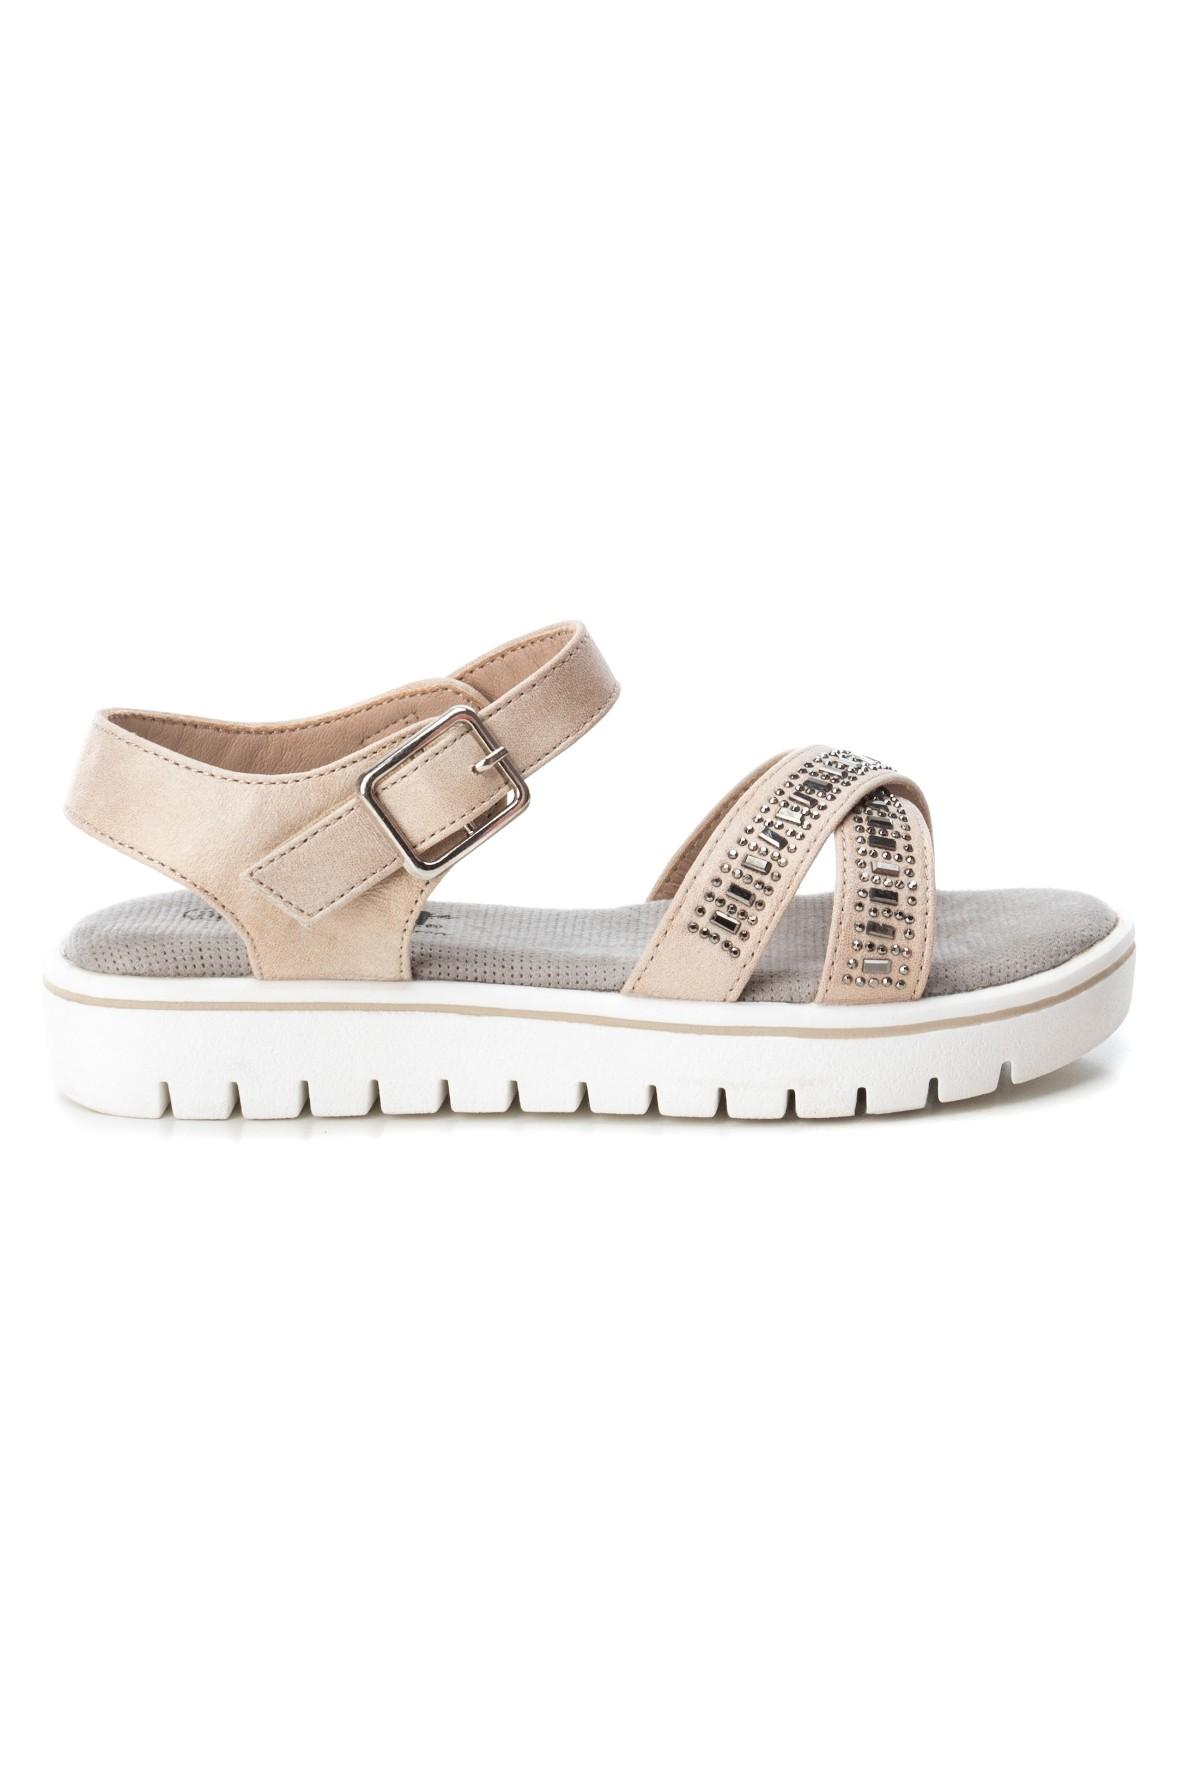 Sandały dziewczęce beżowe